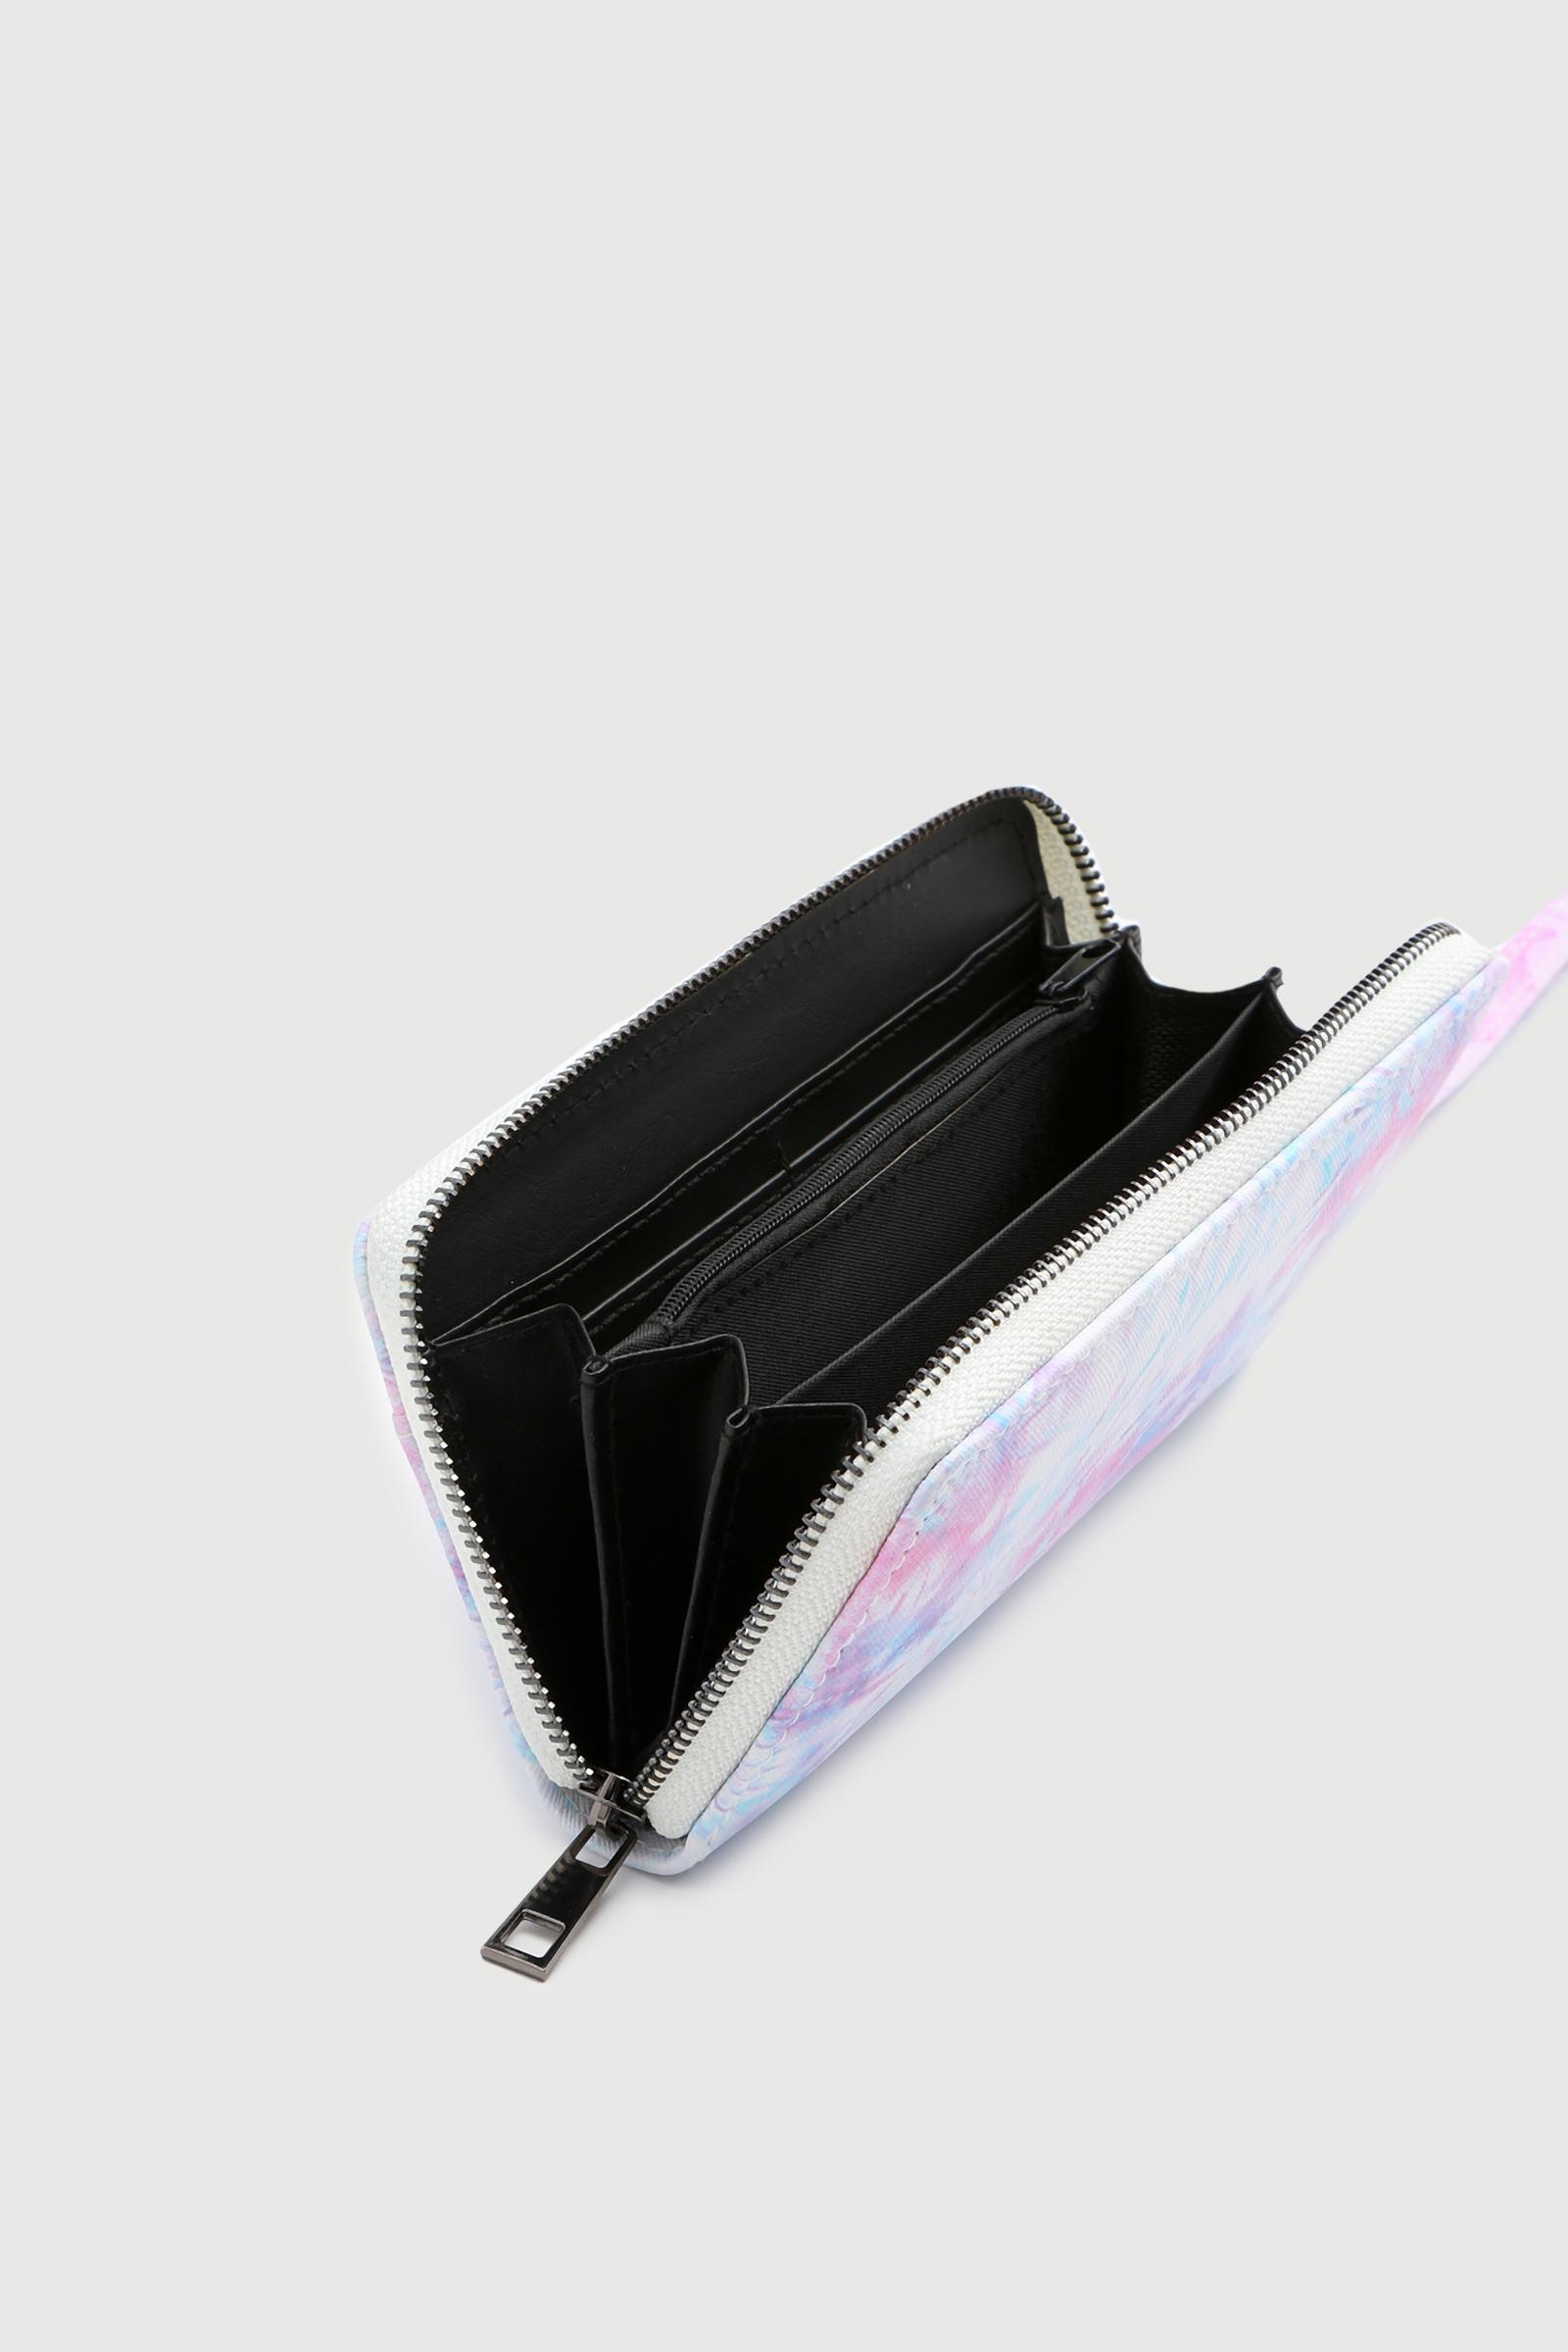 Tie-Dye Accordion Wallet